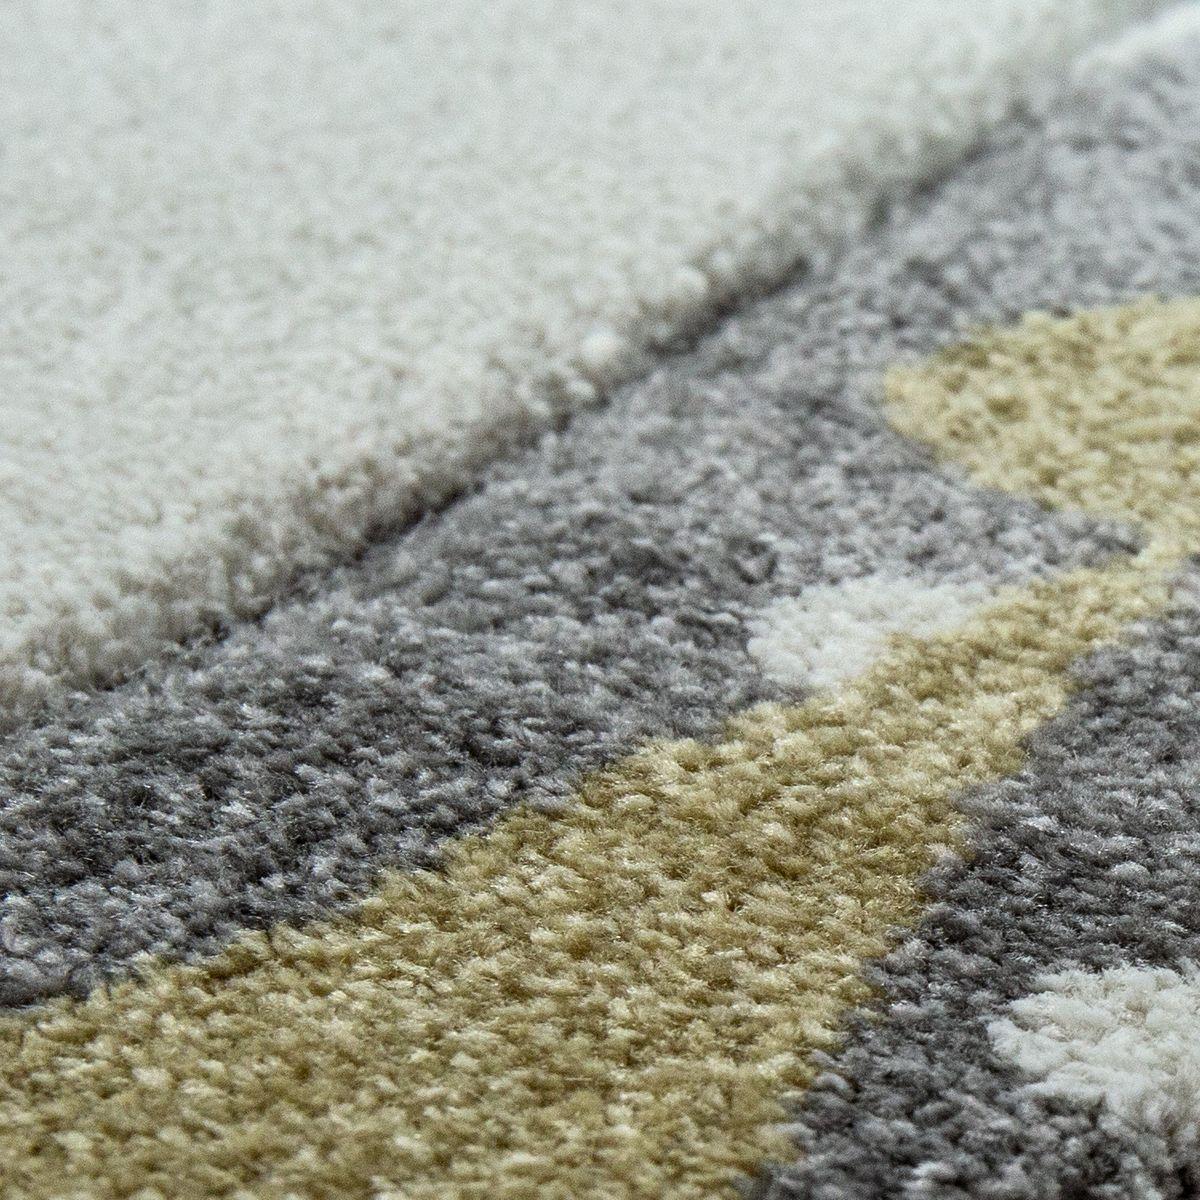 Kinder teppich modern s er hase mit krone punkte design - Teppich jungenzimmer ...